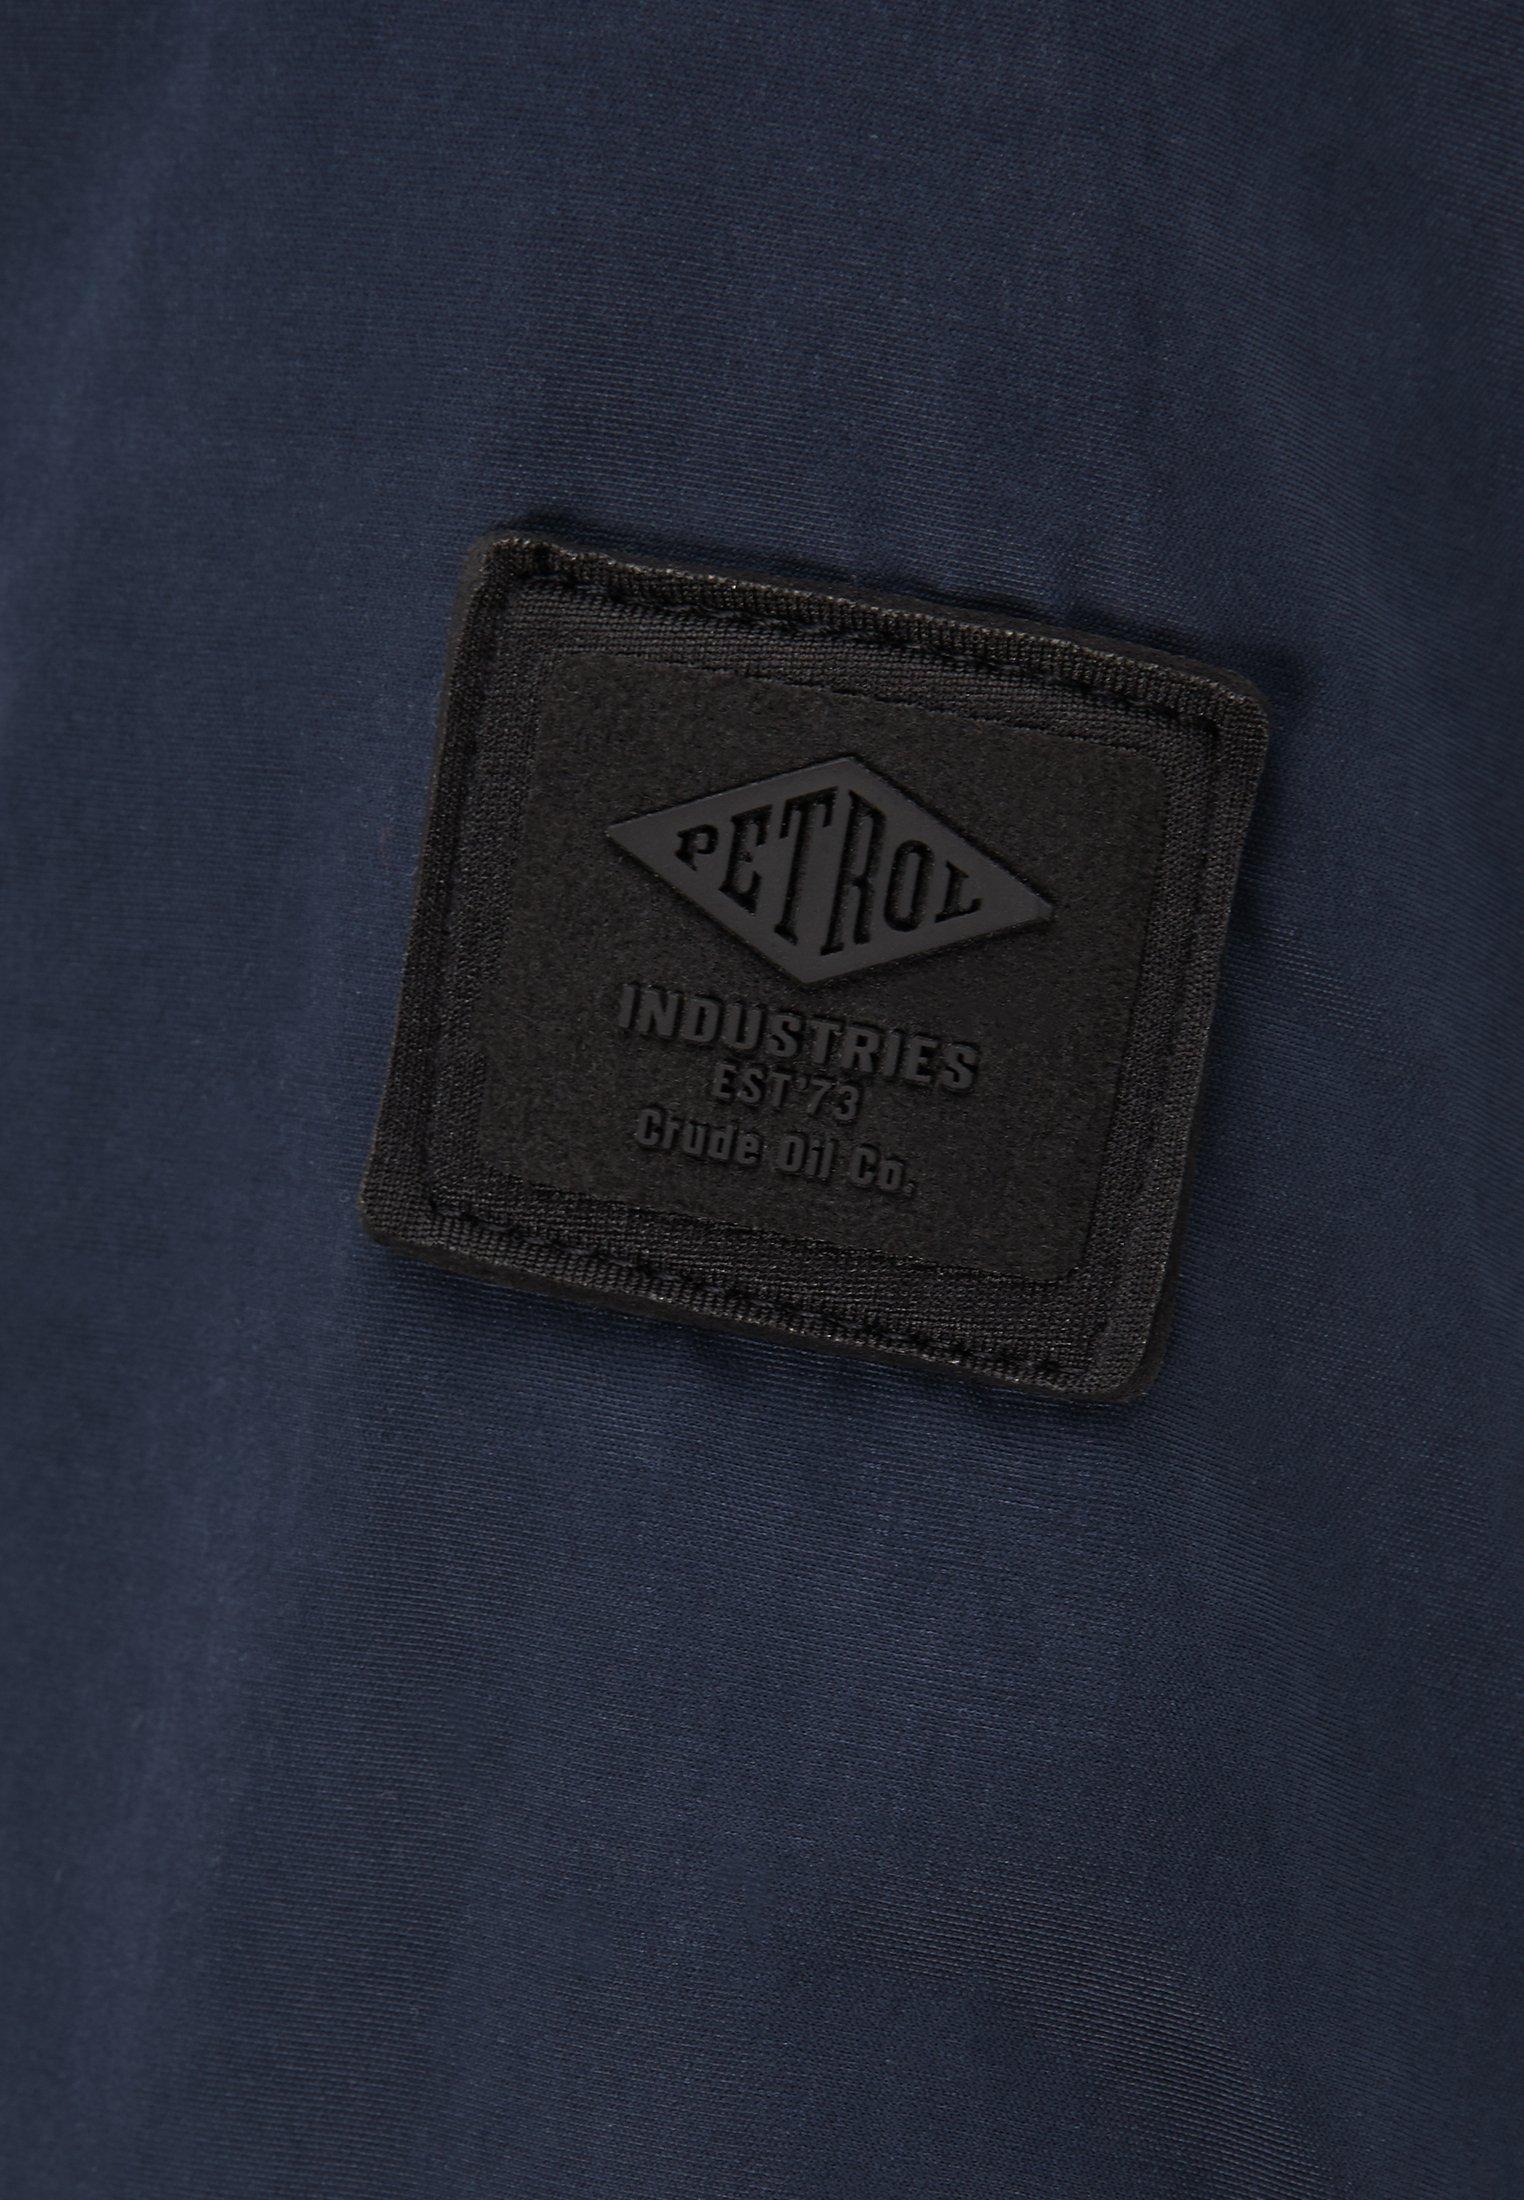 Petrol Industries Kurtka przejściowa - blue - Ubranka dla dzieci